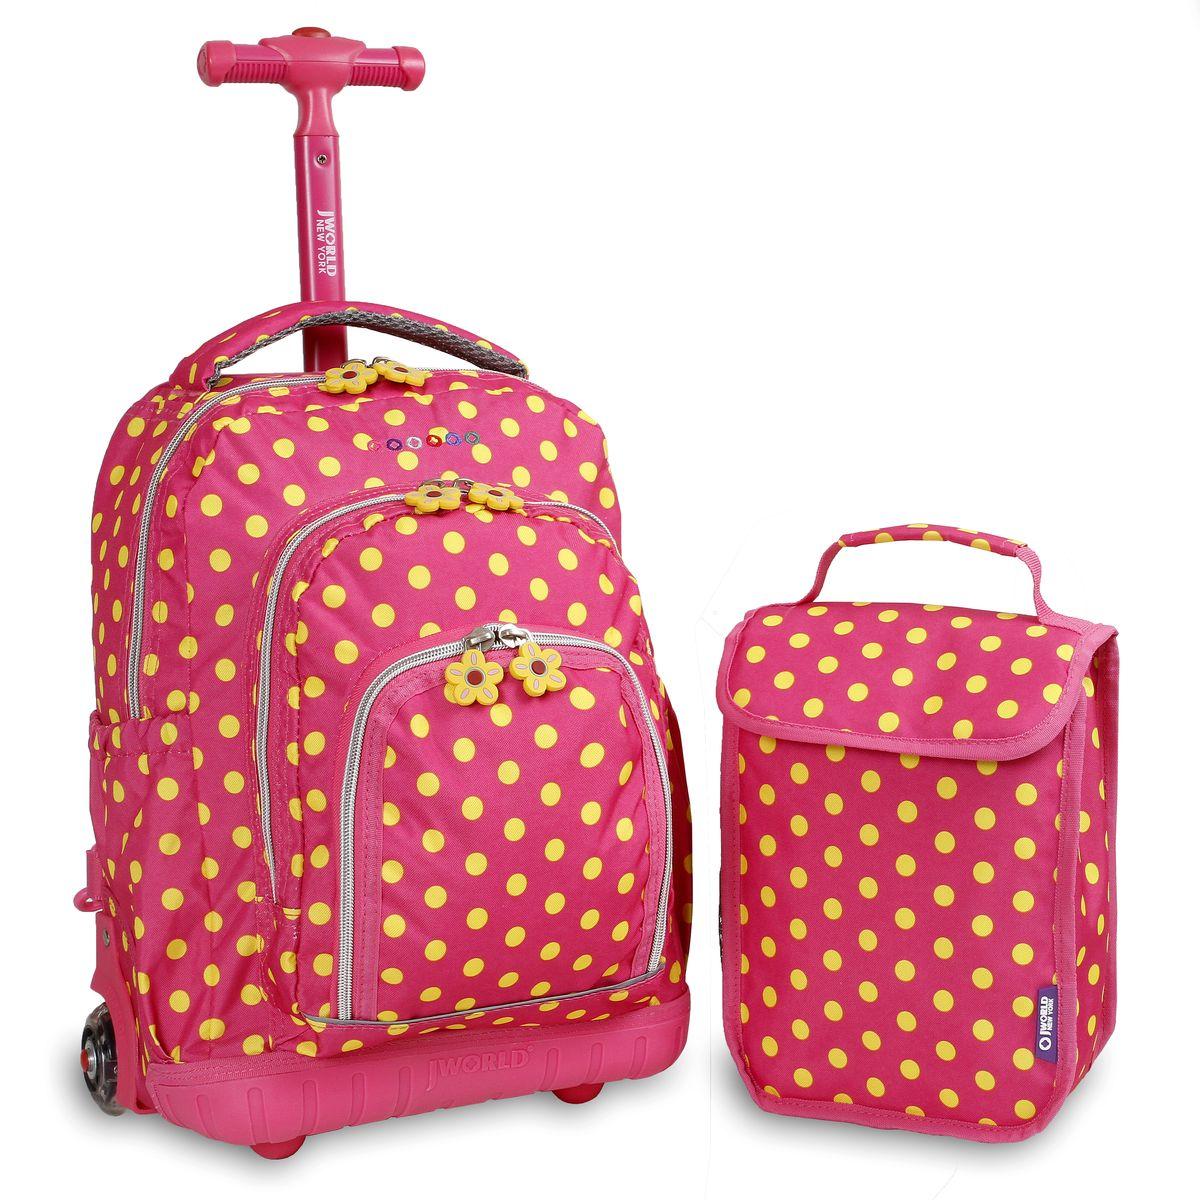 Σετ Σχολικη Τσαντα Τρολει+Τσαντακι Lollipop JWORLD 395-00016 83-Pink Buttons παιδί   τσάντες δημοτικού   για κοριτσια